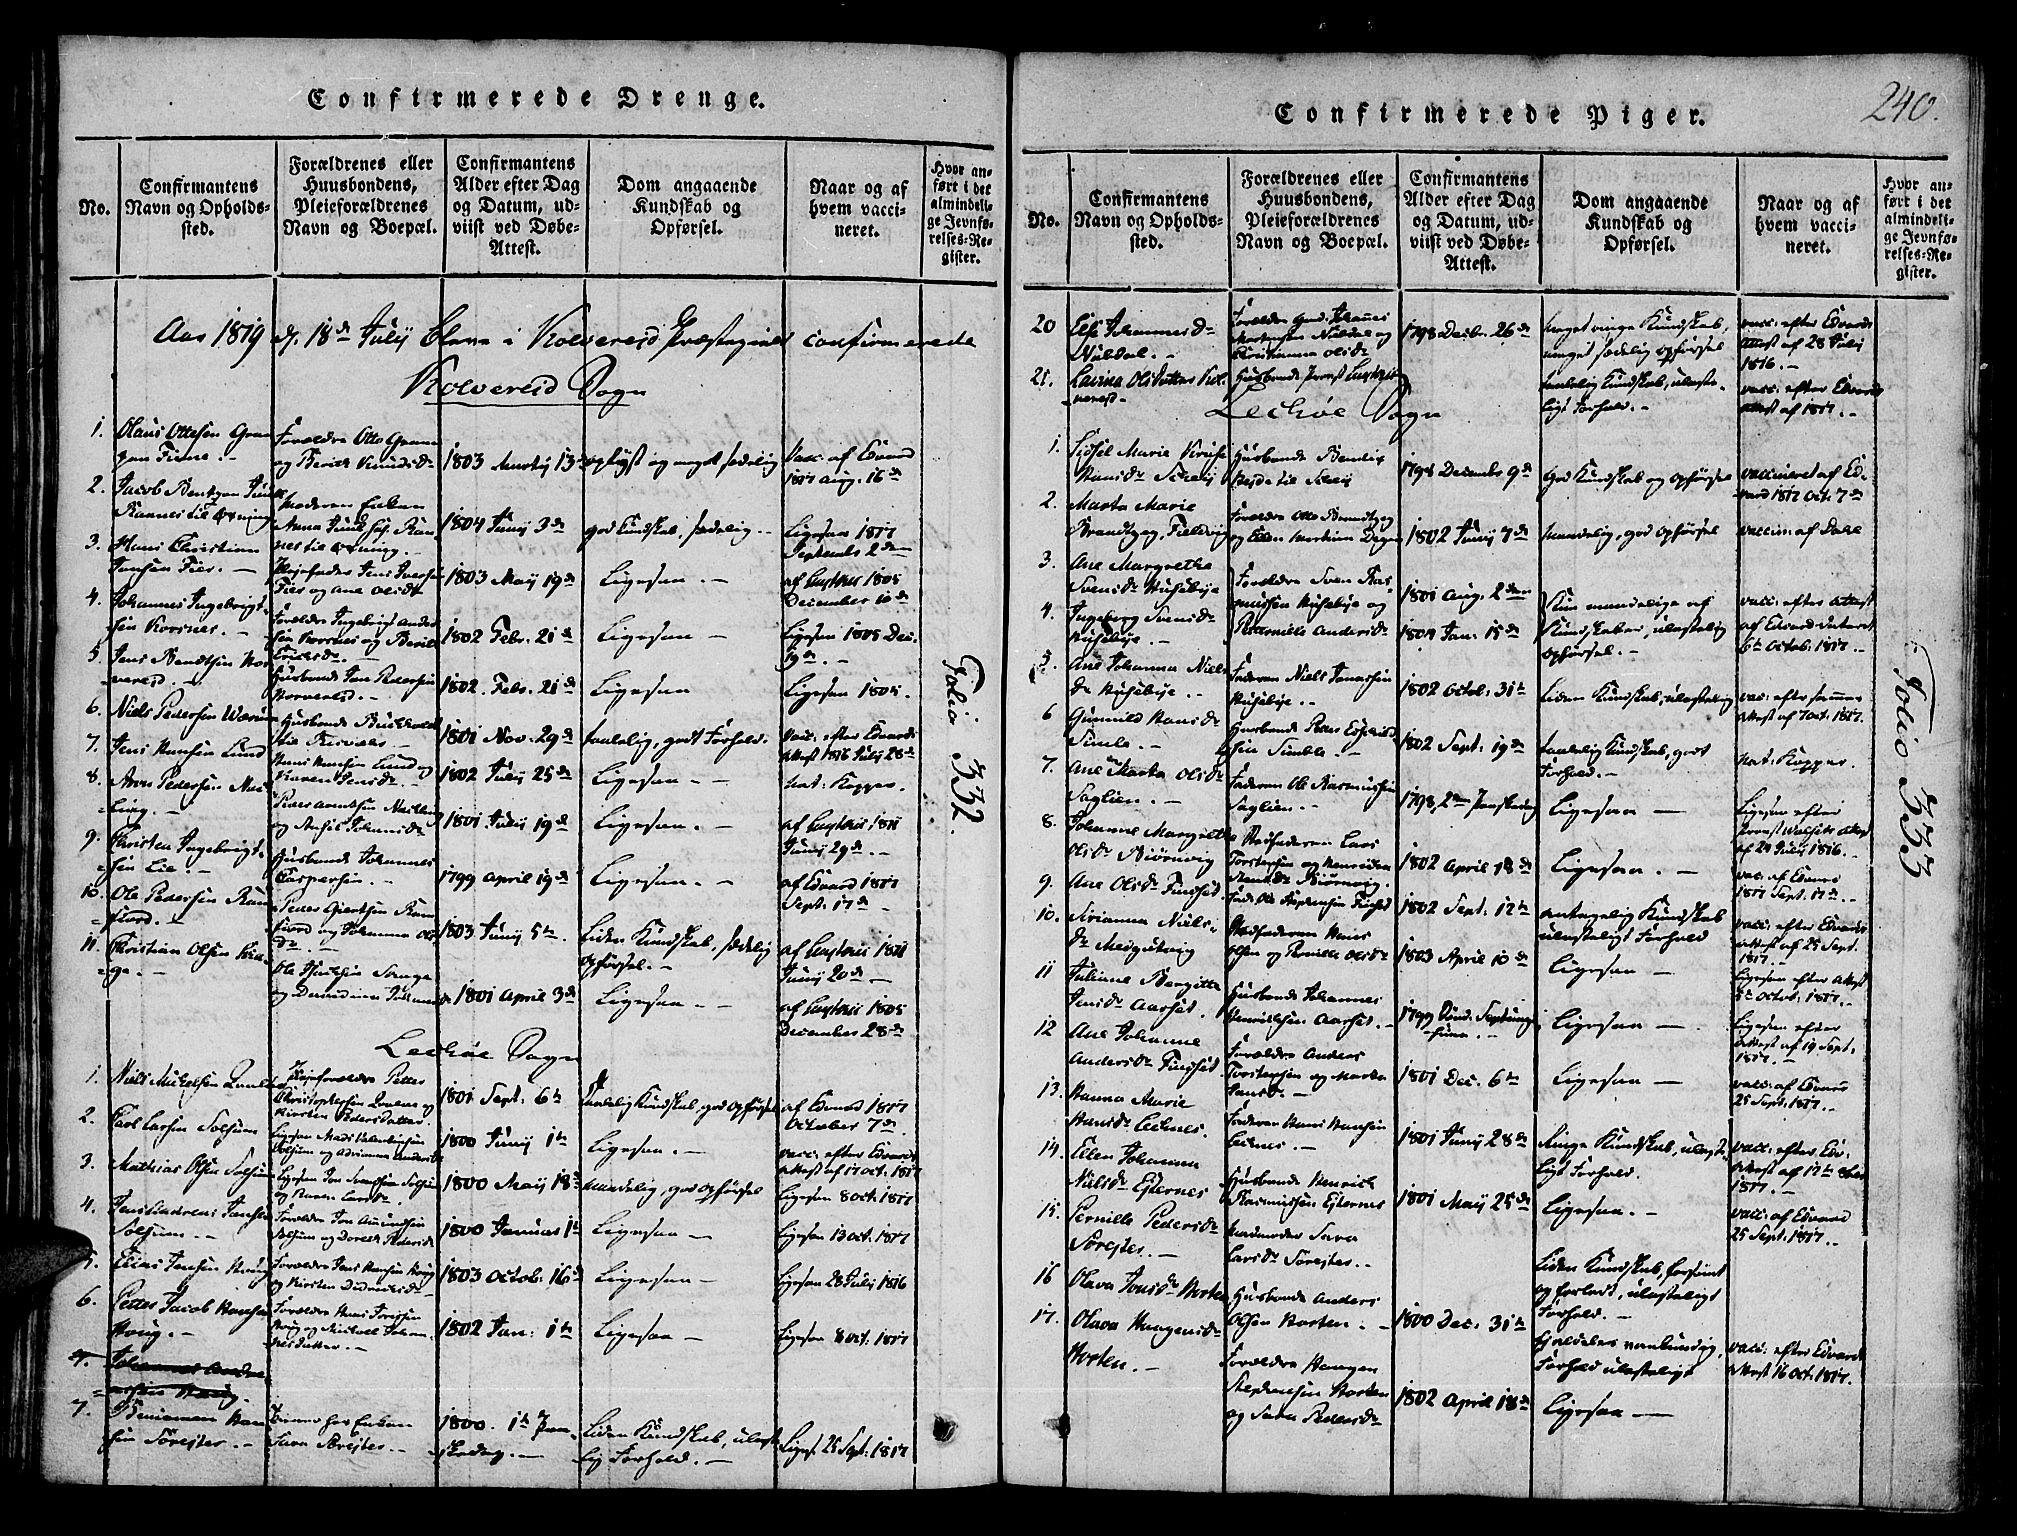 SAT, Ministerialprotokoller, klokkerbøker og fødselsregistre - Nord-Trøndelag, 780/L0636: Ministerialbok nr. 780A03 /1, 1815-1830, s. 240